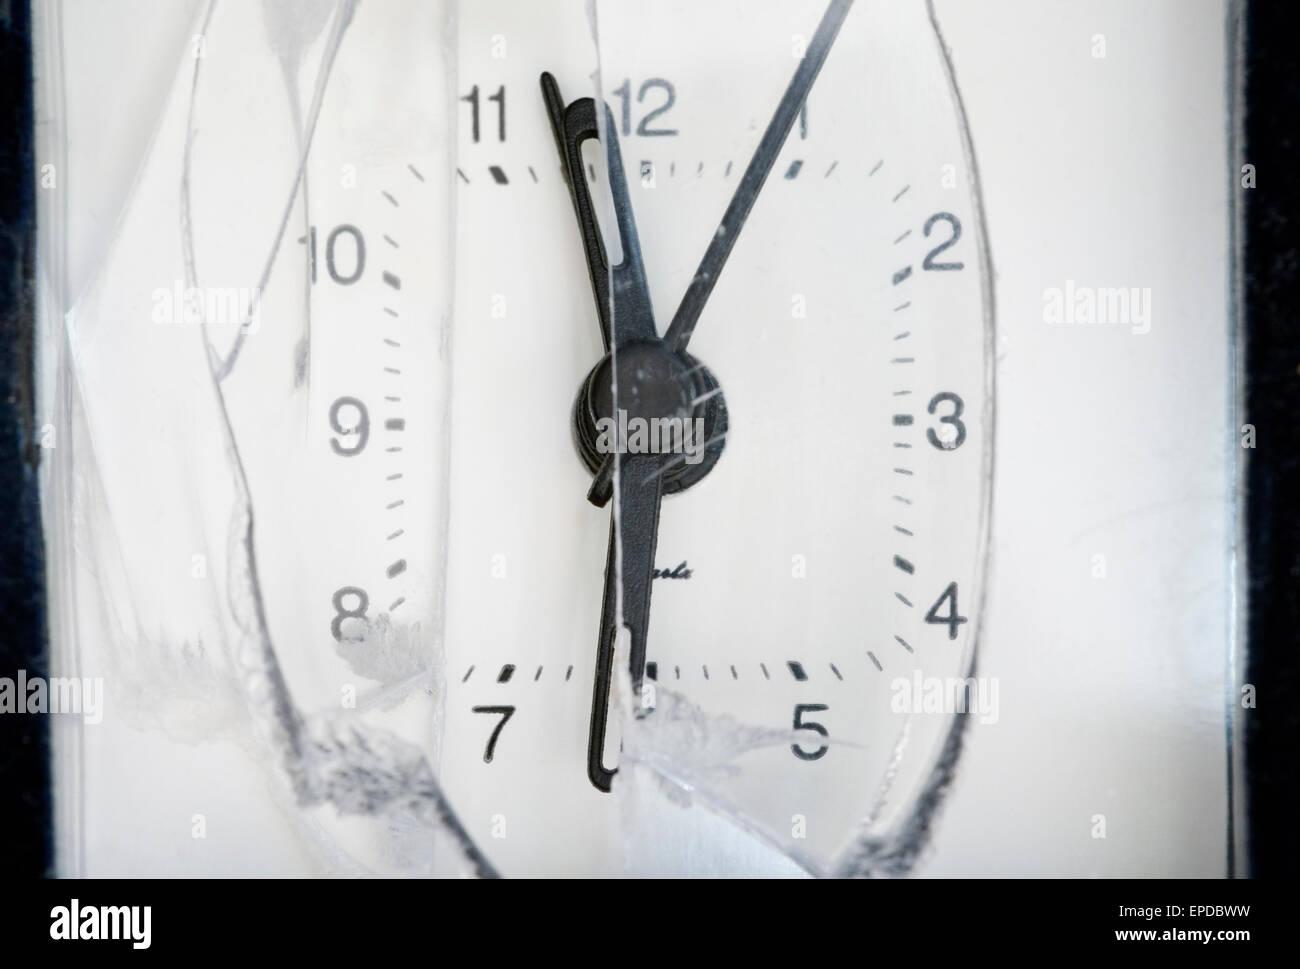 Smashed alarm clock - Stock Image